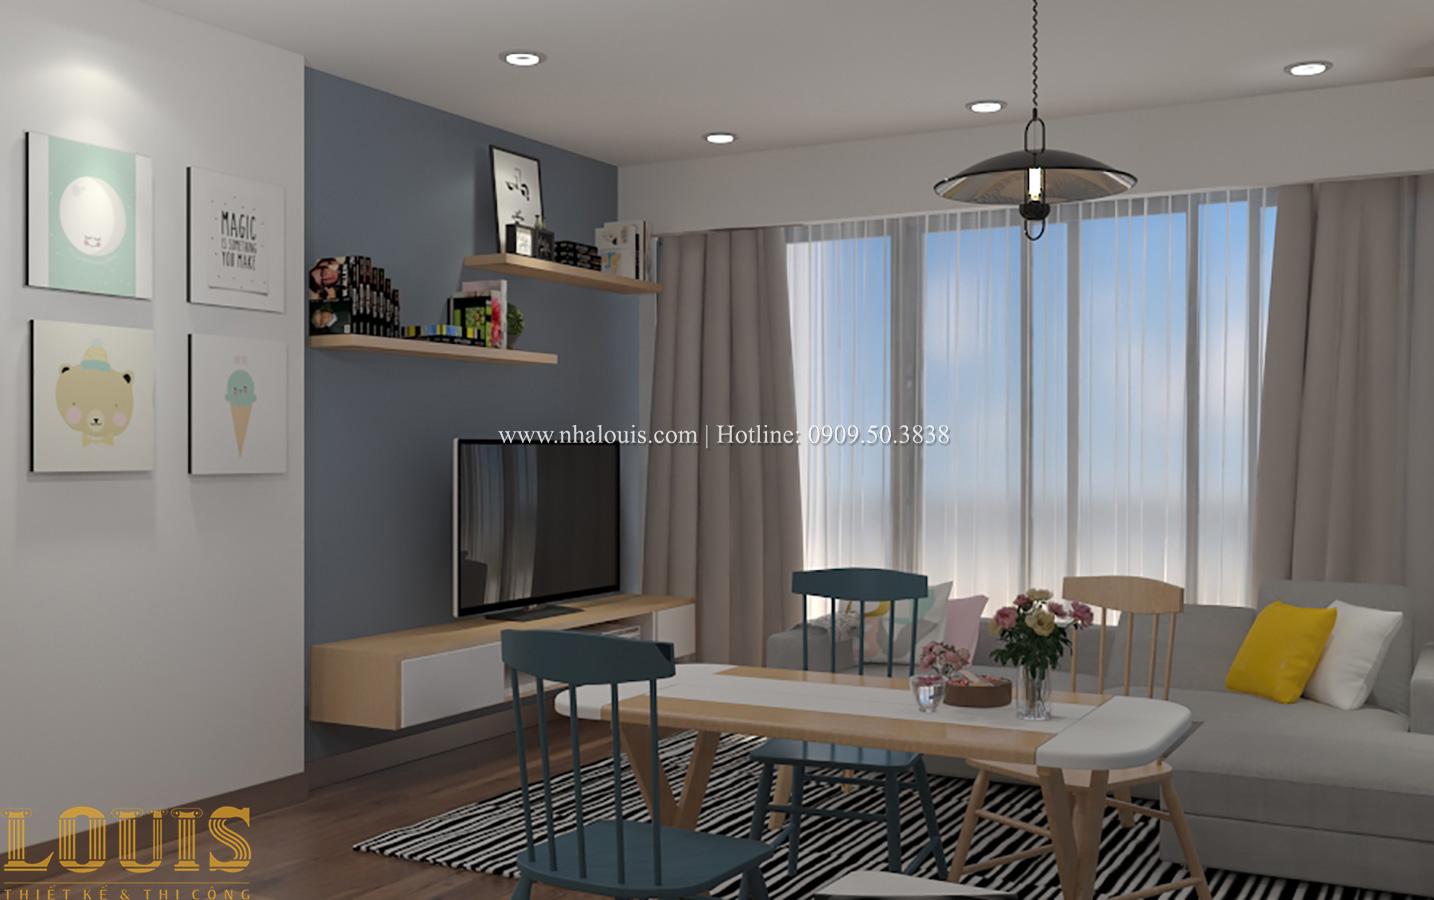 Bếp và phòng ăn Tư vấn thiết kế mẫu nhà đẹp 4x20m hiện đại và sang trọng tại quận 8 - 33